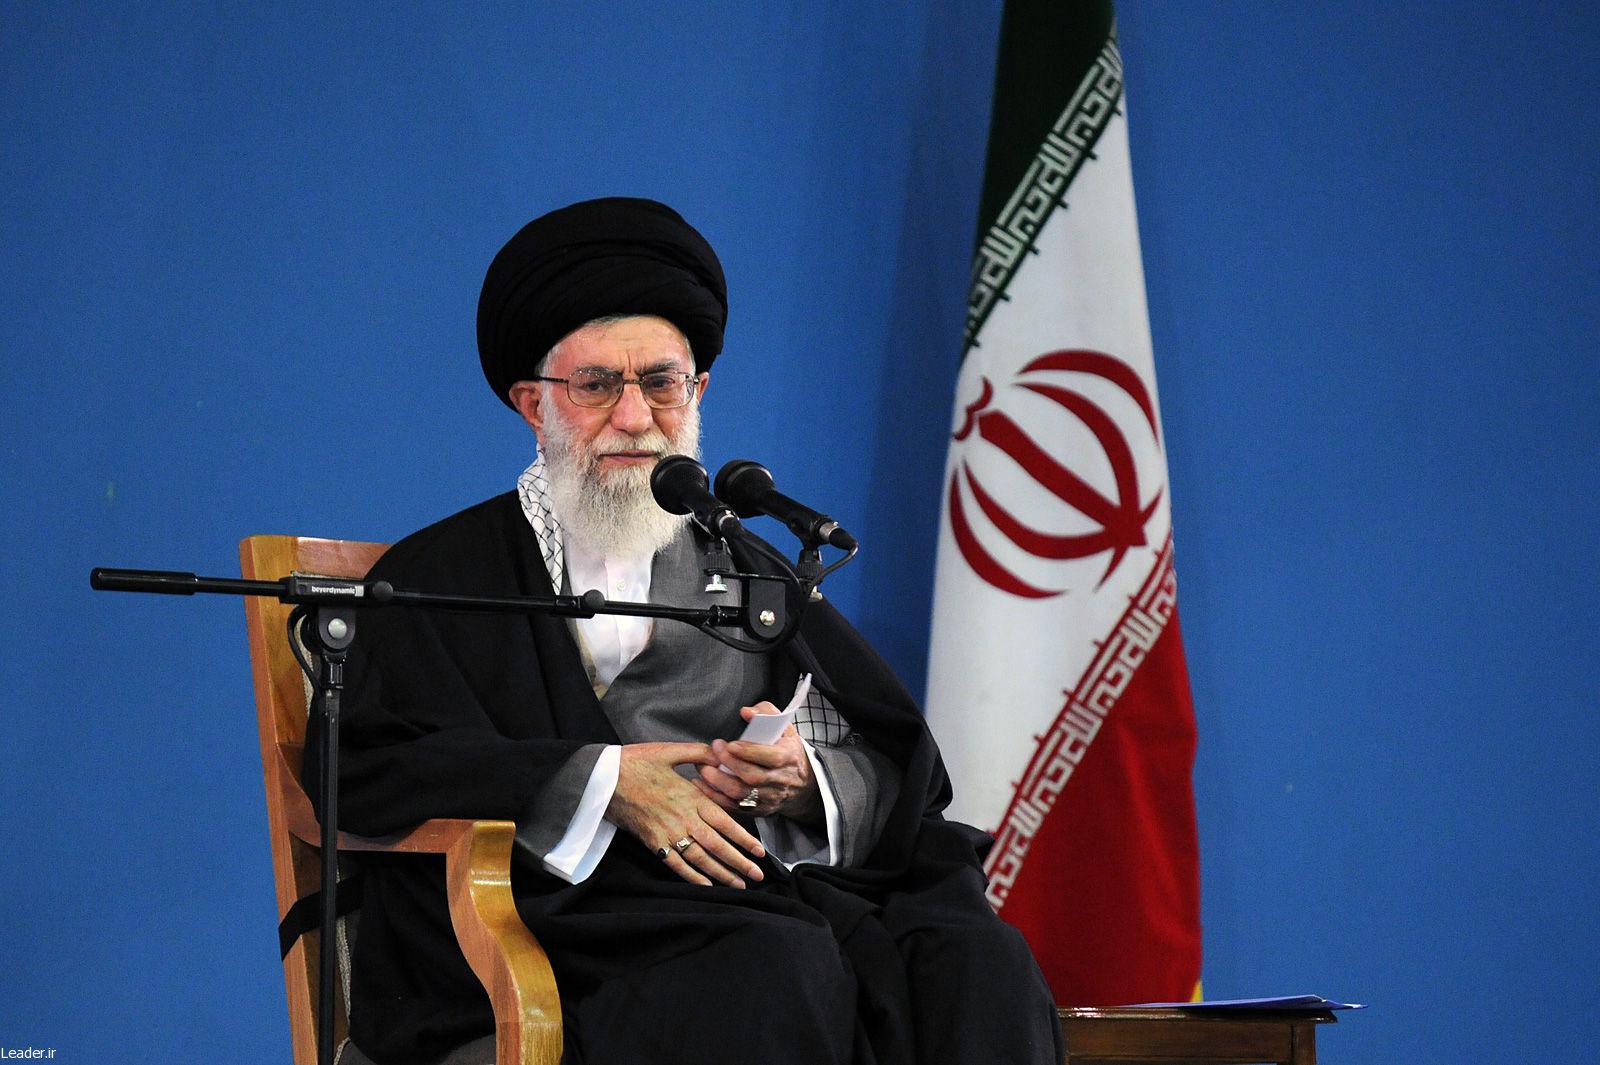 بیانات رهبر معظم انقلاب اسلامی در دیدار مسئولان و جمعی از قشرهای مختلف مردم + فیلم